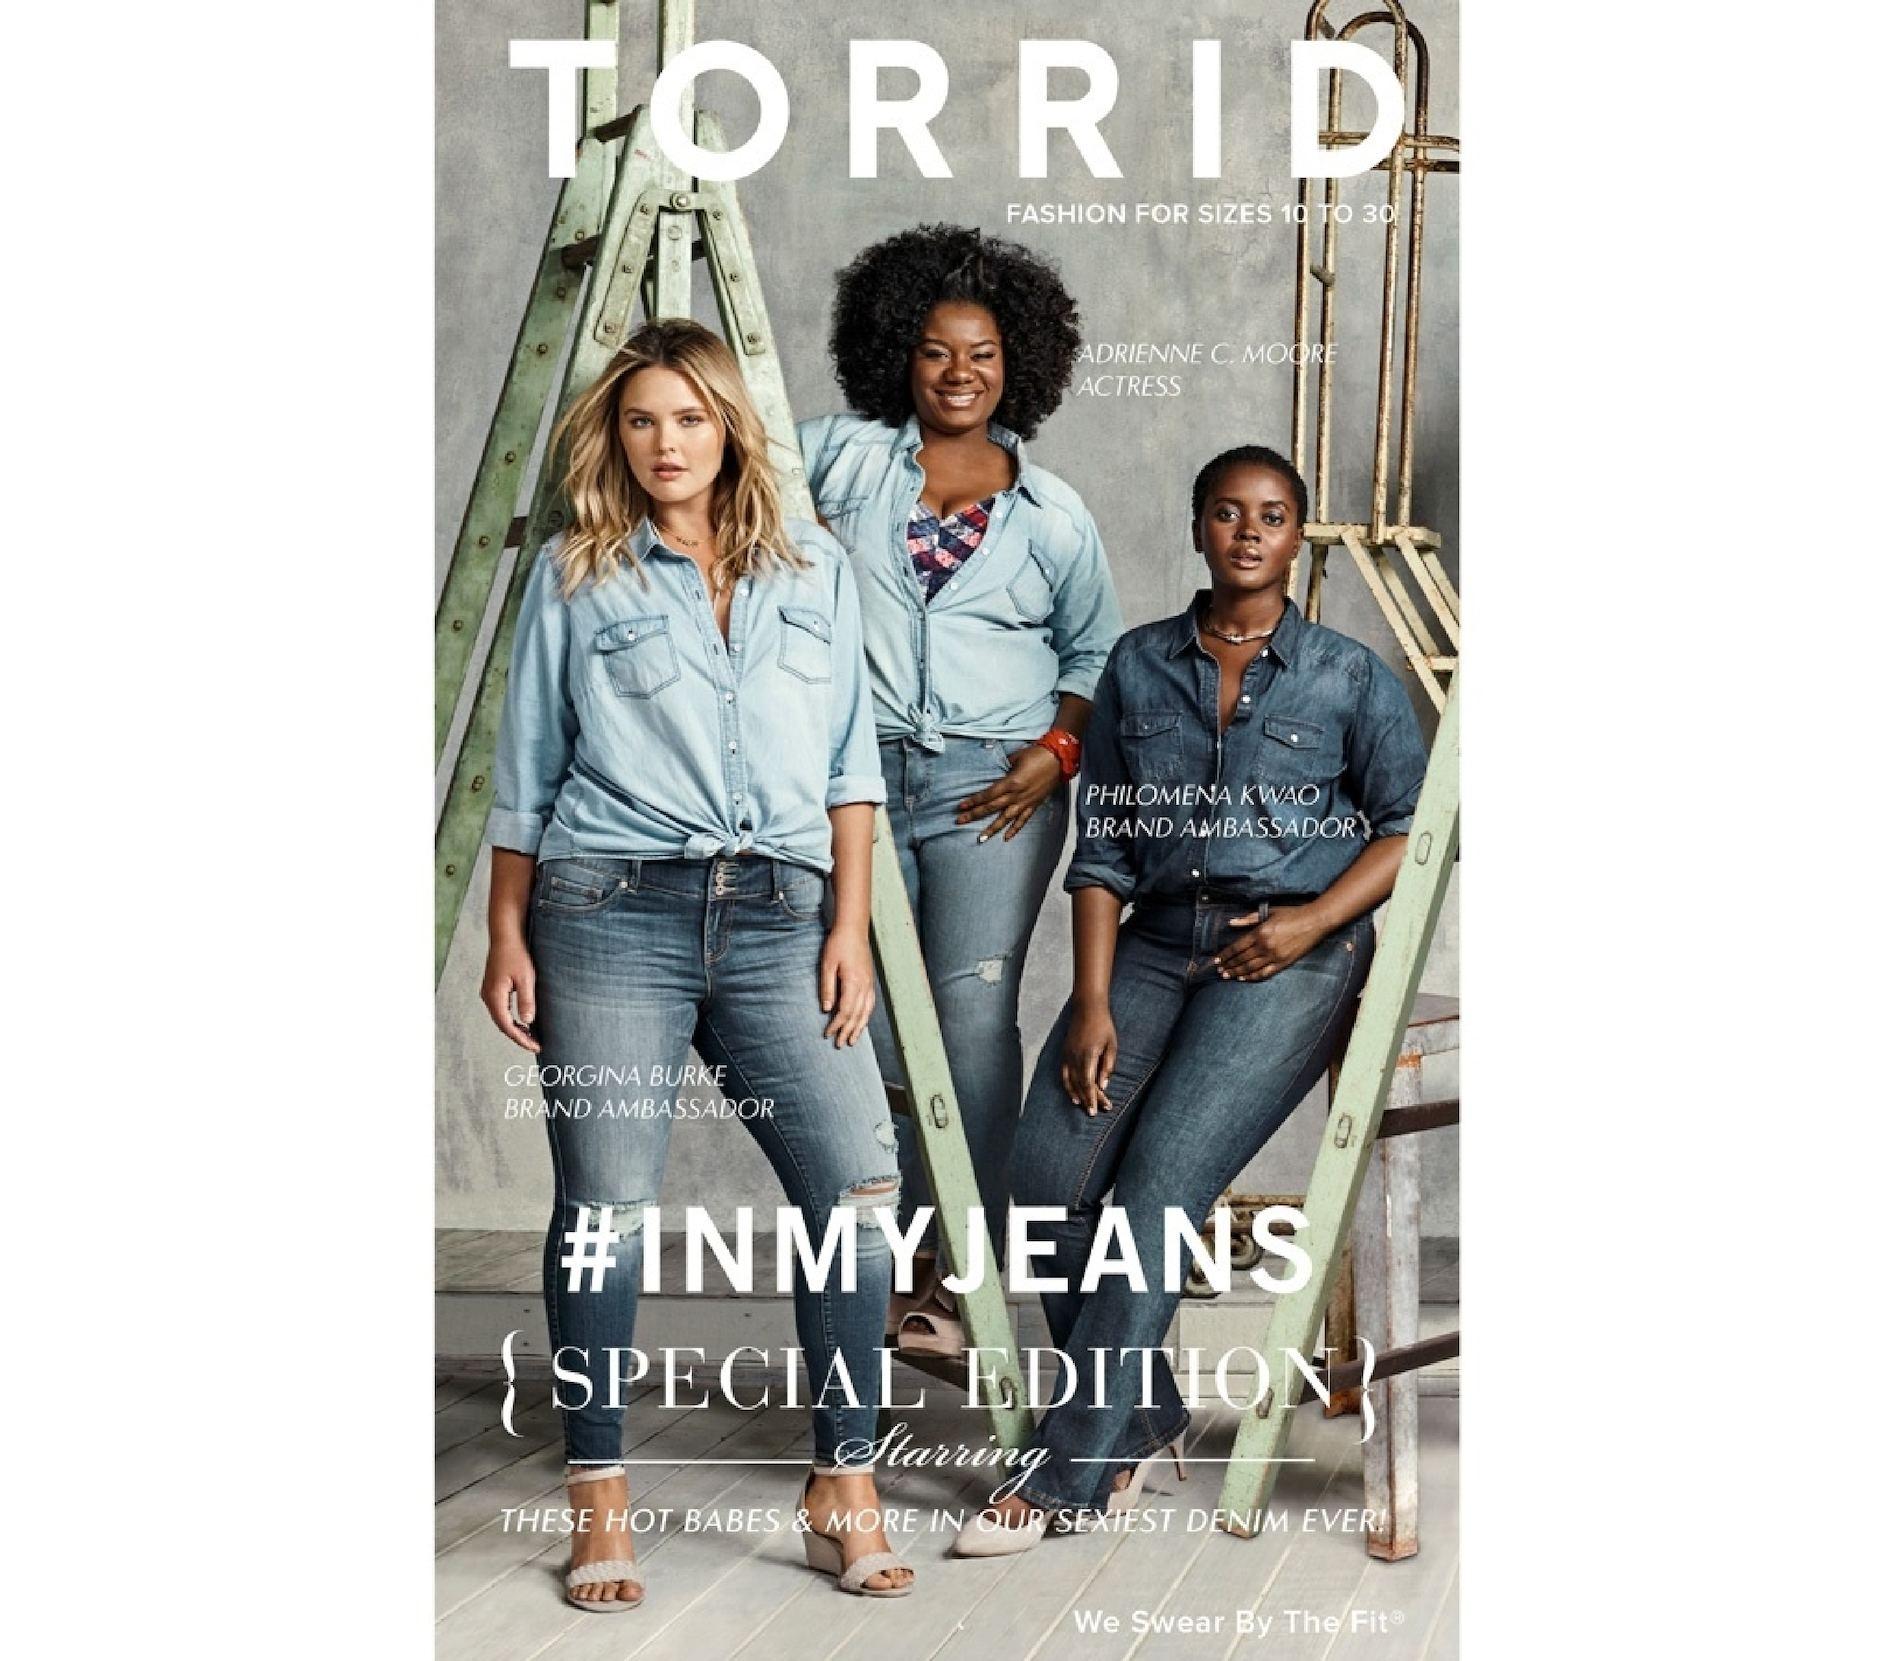 Torrid Inmy Jeans Fall 2016